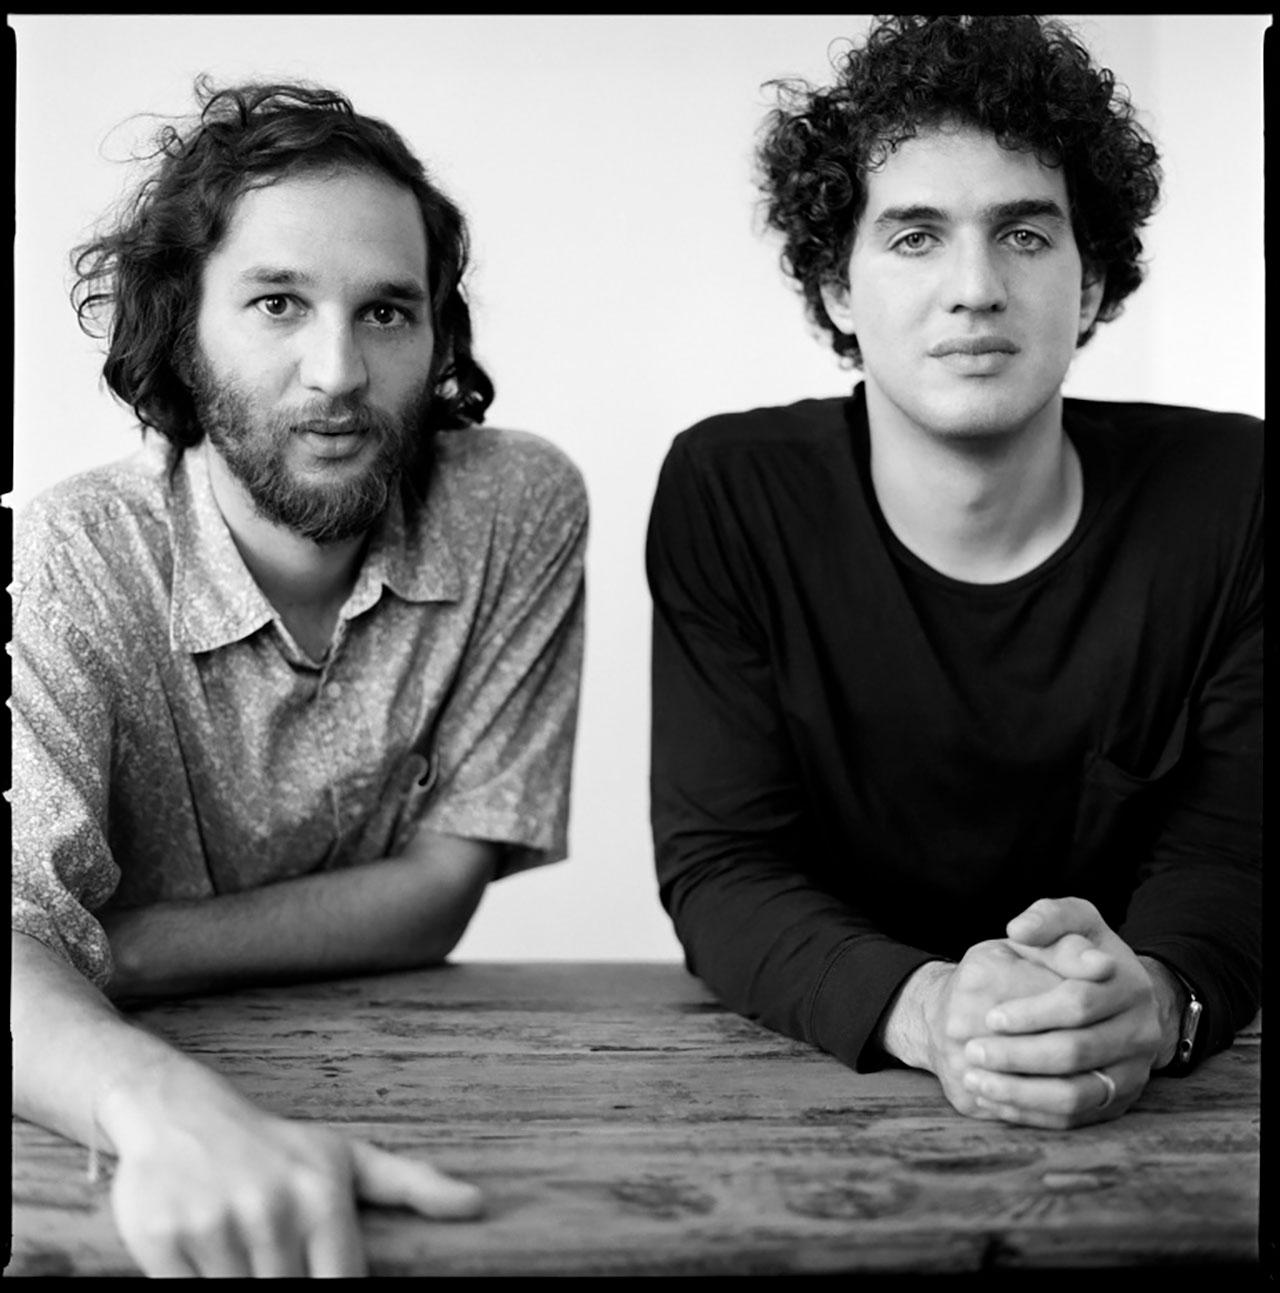 左: Joshua Safdie (ジョシュア・サフディ) 右: Ben Safdie (ベニー・サフディ) | Photo by Brigitte Lacombe